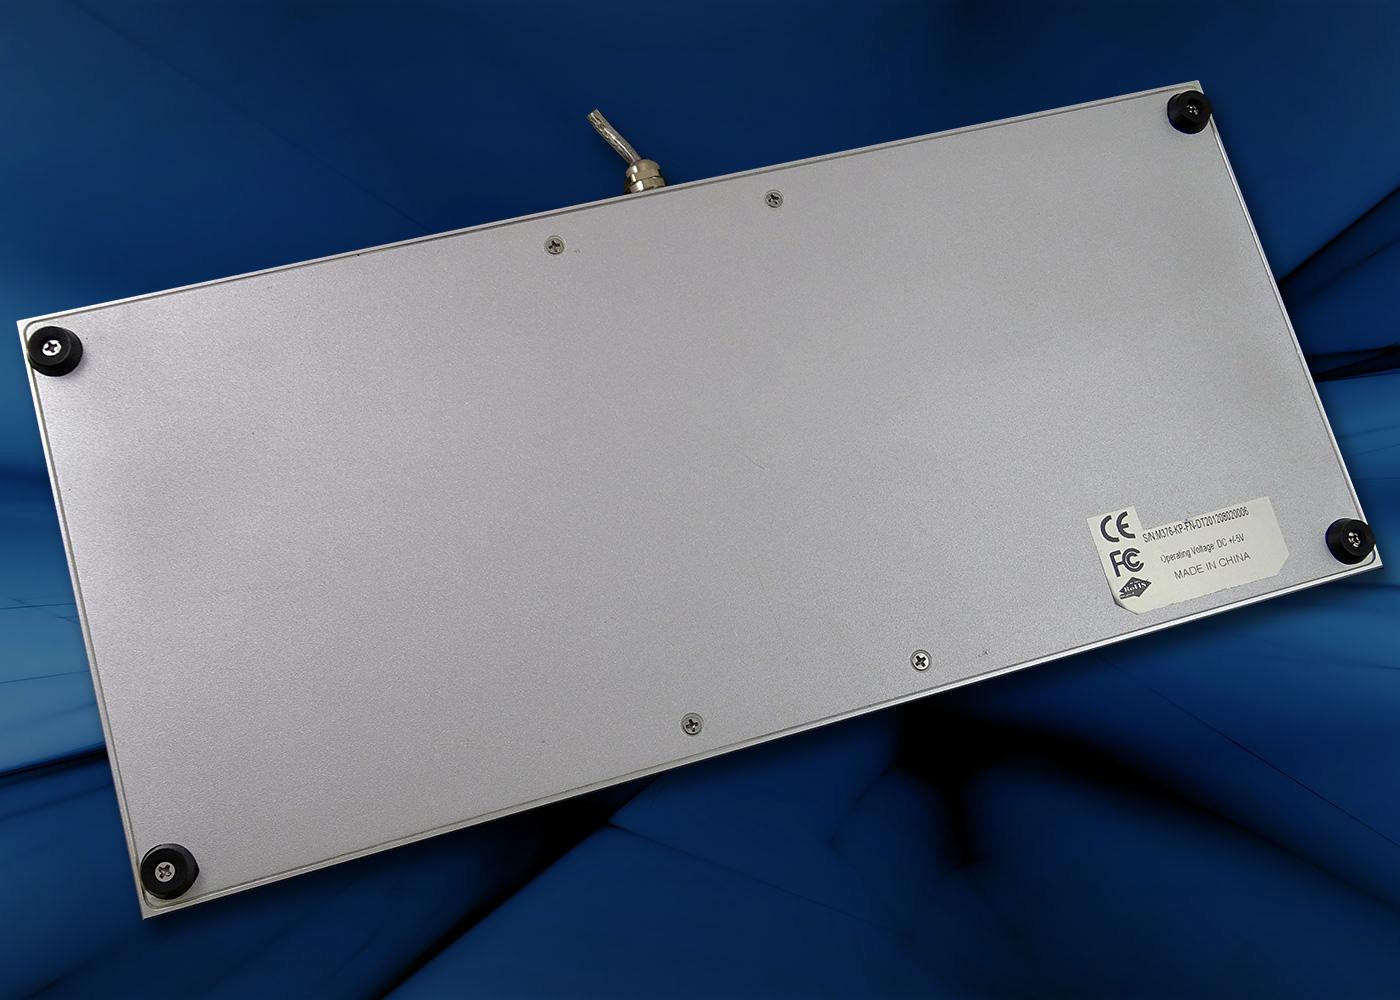 Clavier industriel M376KP-FN-DT – Dessous